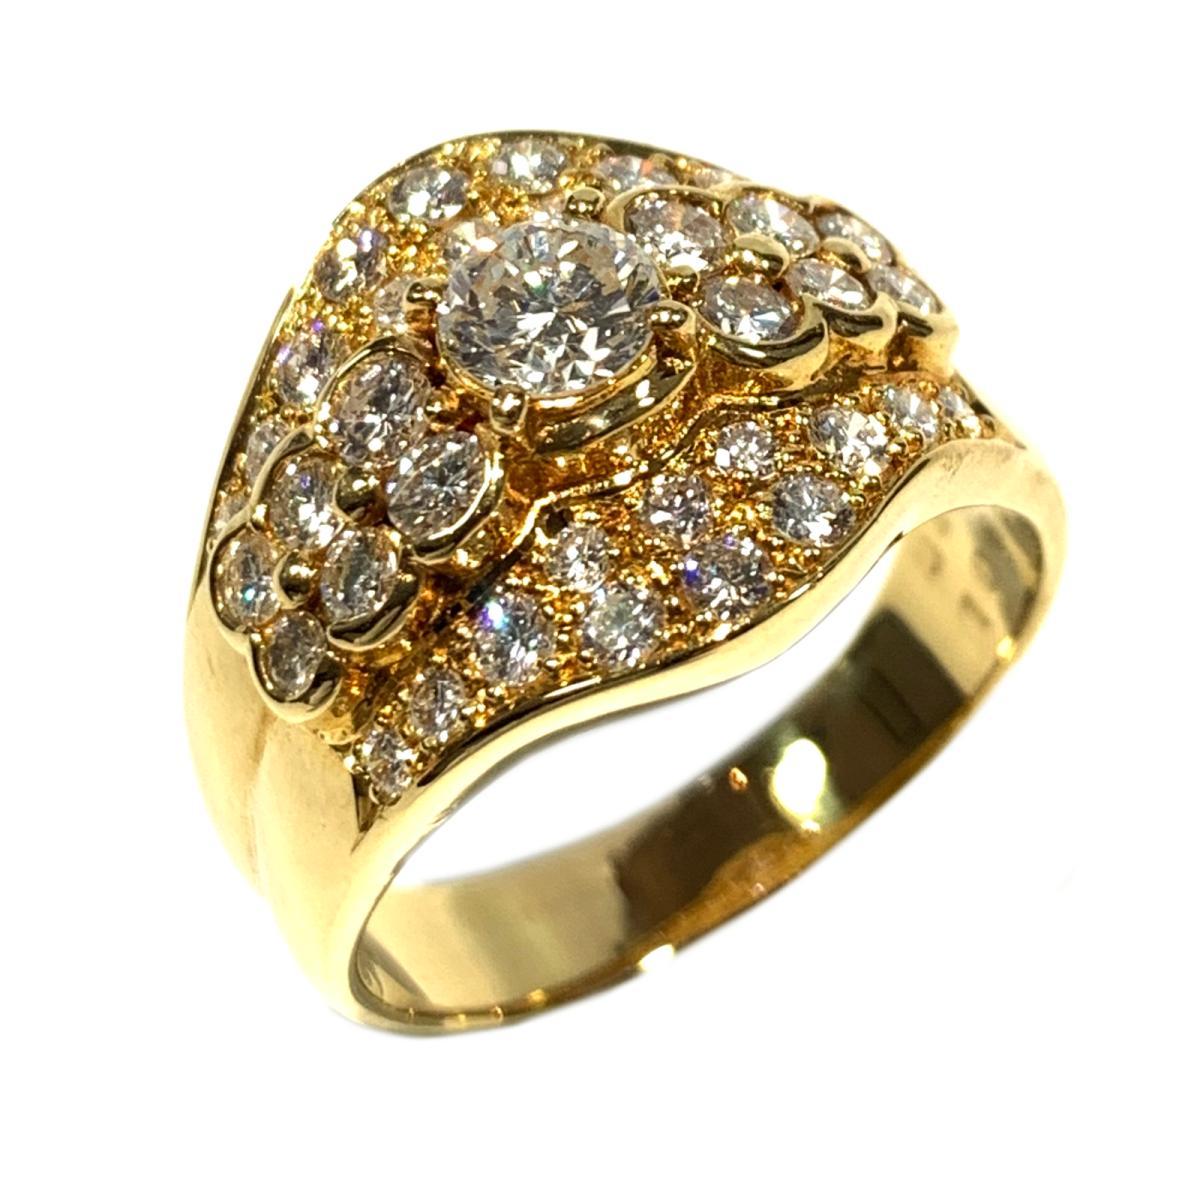 【中古】 ジュエリー ダイヤモンド リング 指輪 レディース K18YG (750) イエローゴールド x 0.45ct/1.06ct ゴールド | JEWELRY BRANDOFF ブランドオフ ブランド アクセサリー